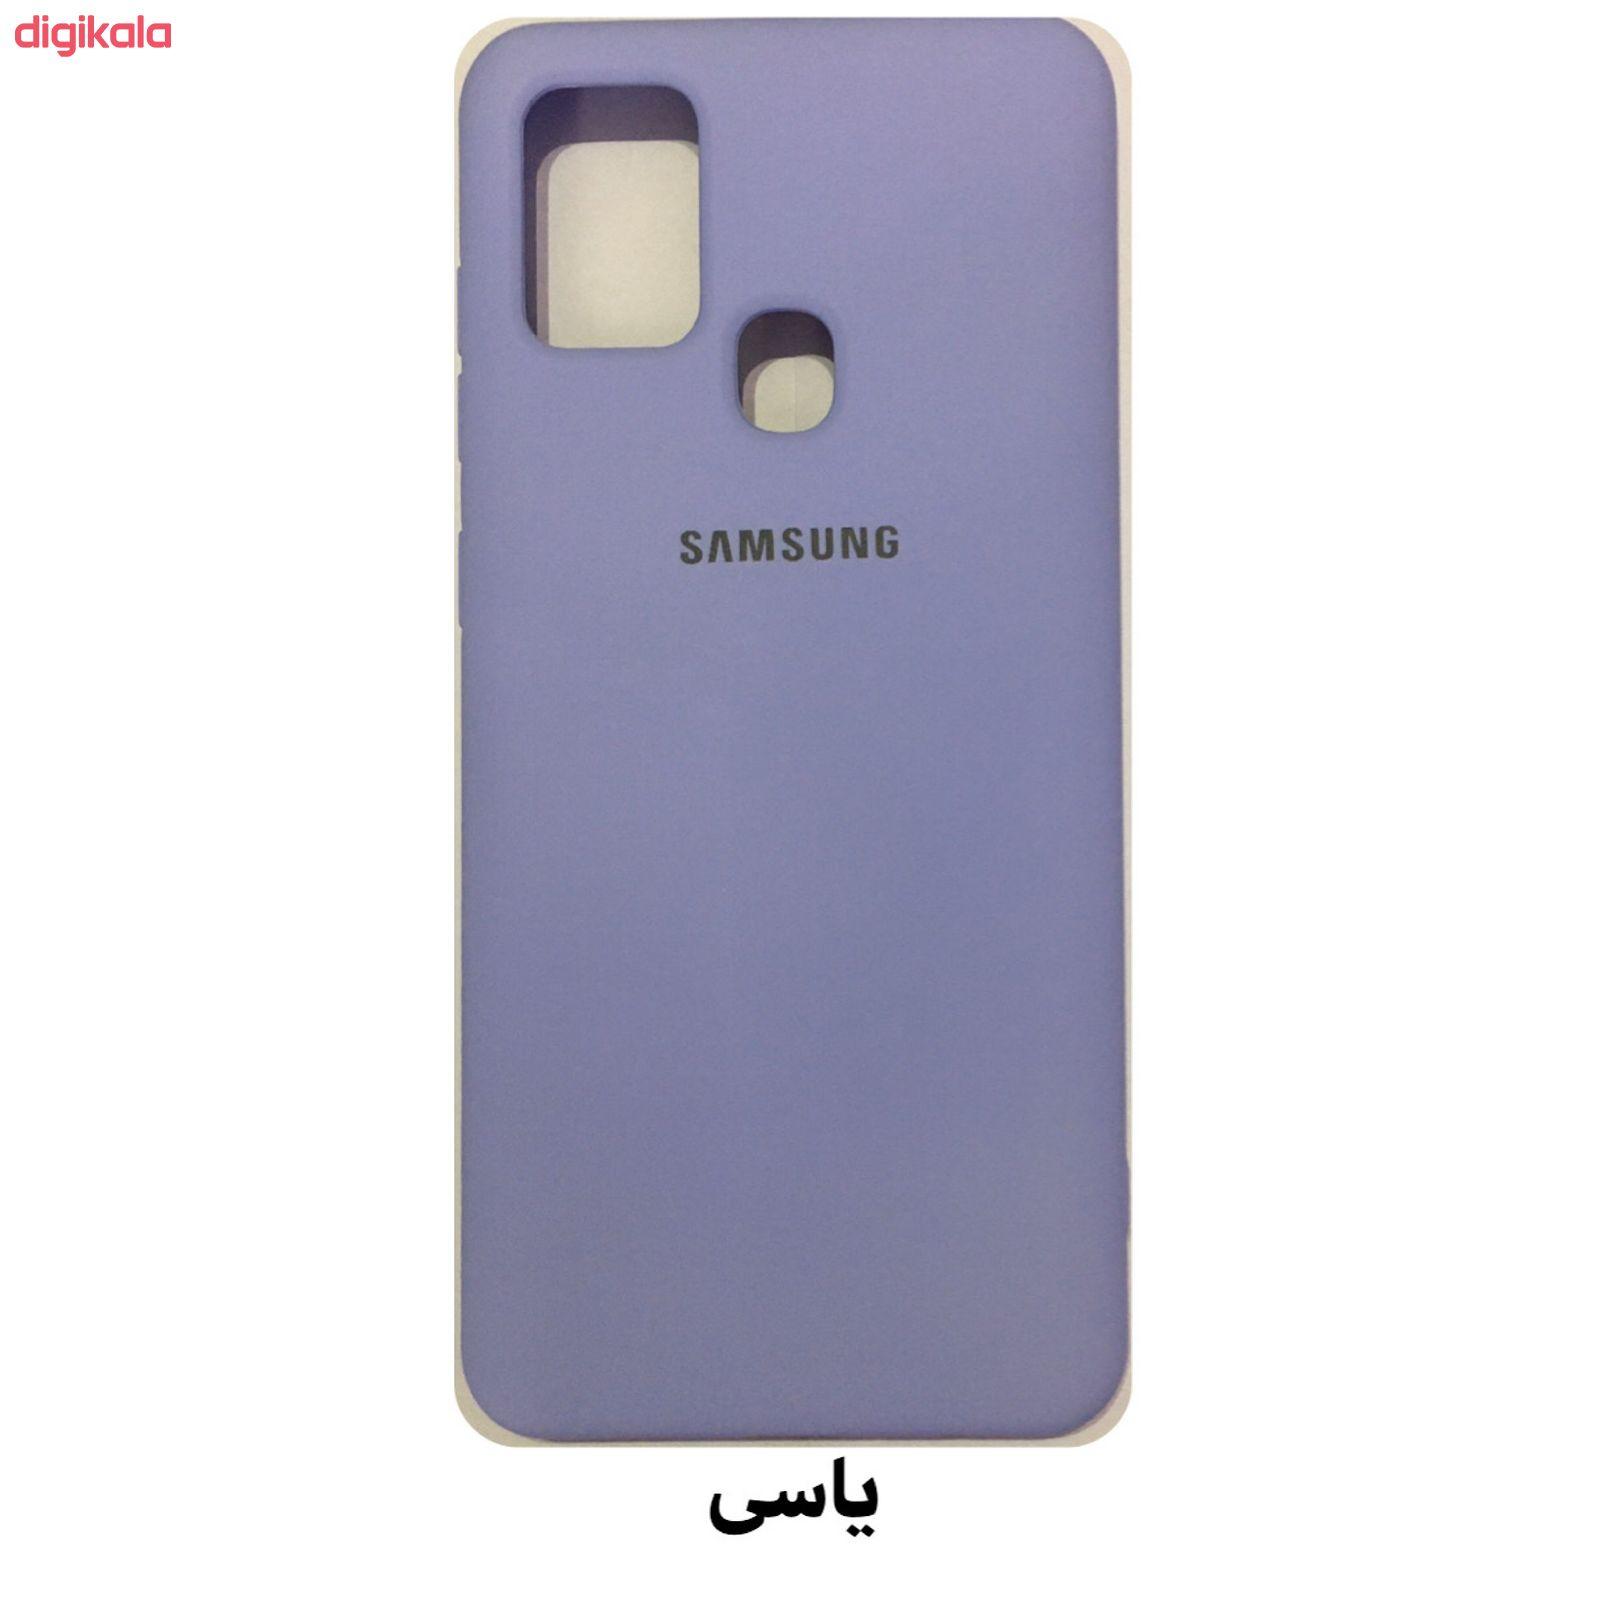 کاور مدل Sil-0021s مناسب برای گوشی موبایل سامسونگ Galaxy A21s main 1 8